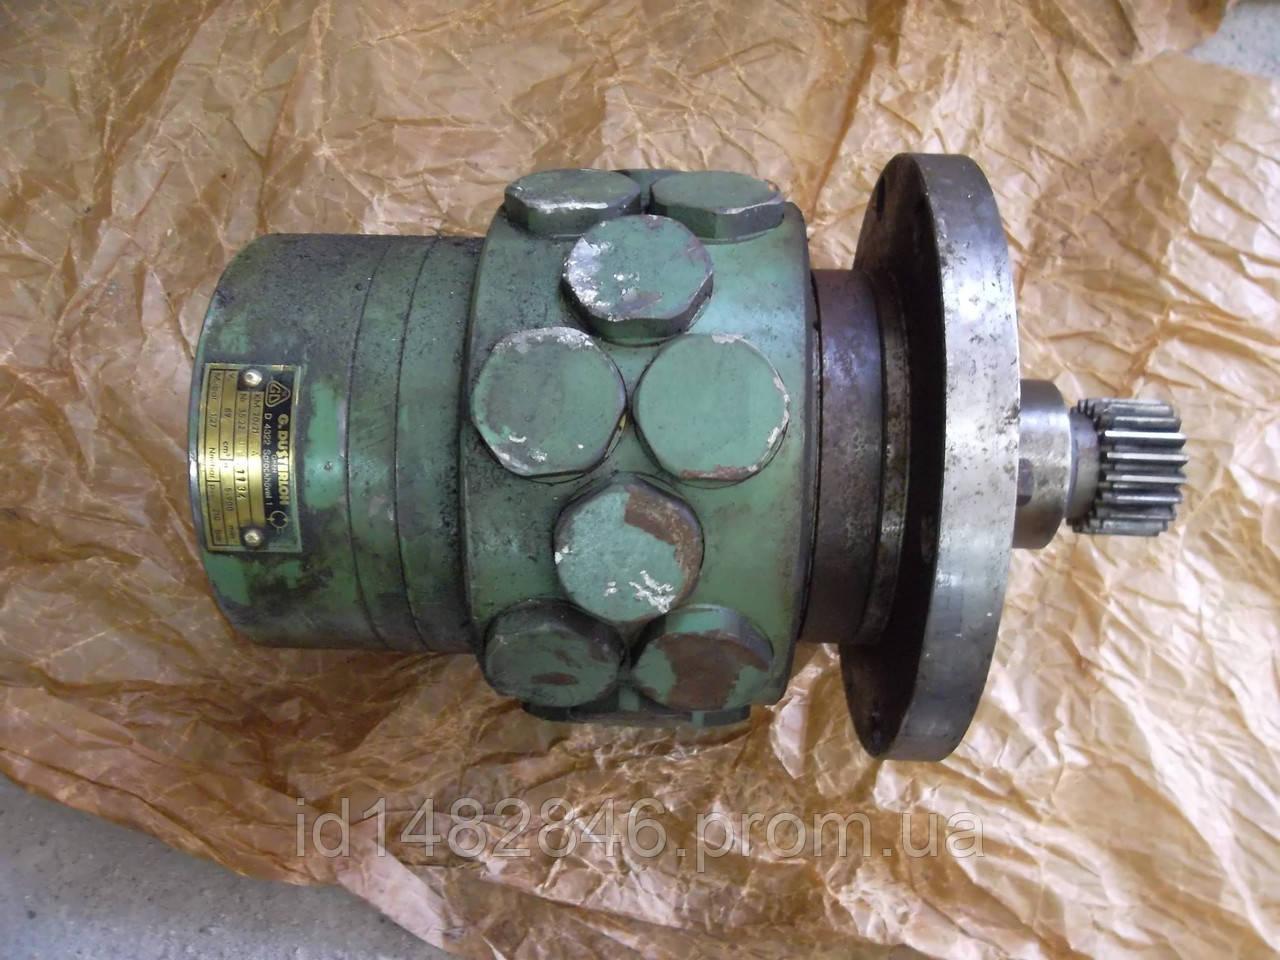 Гидромотор g dusterloh gmbh KM 20-21